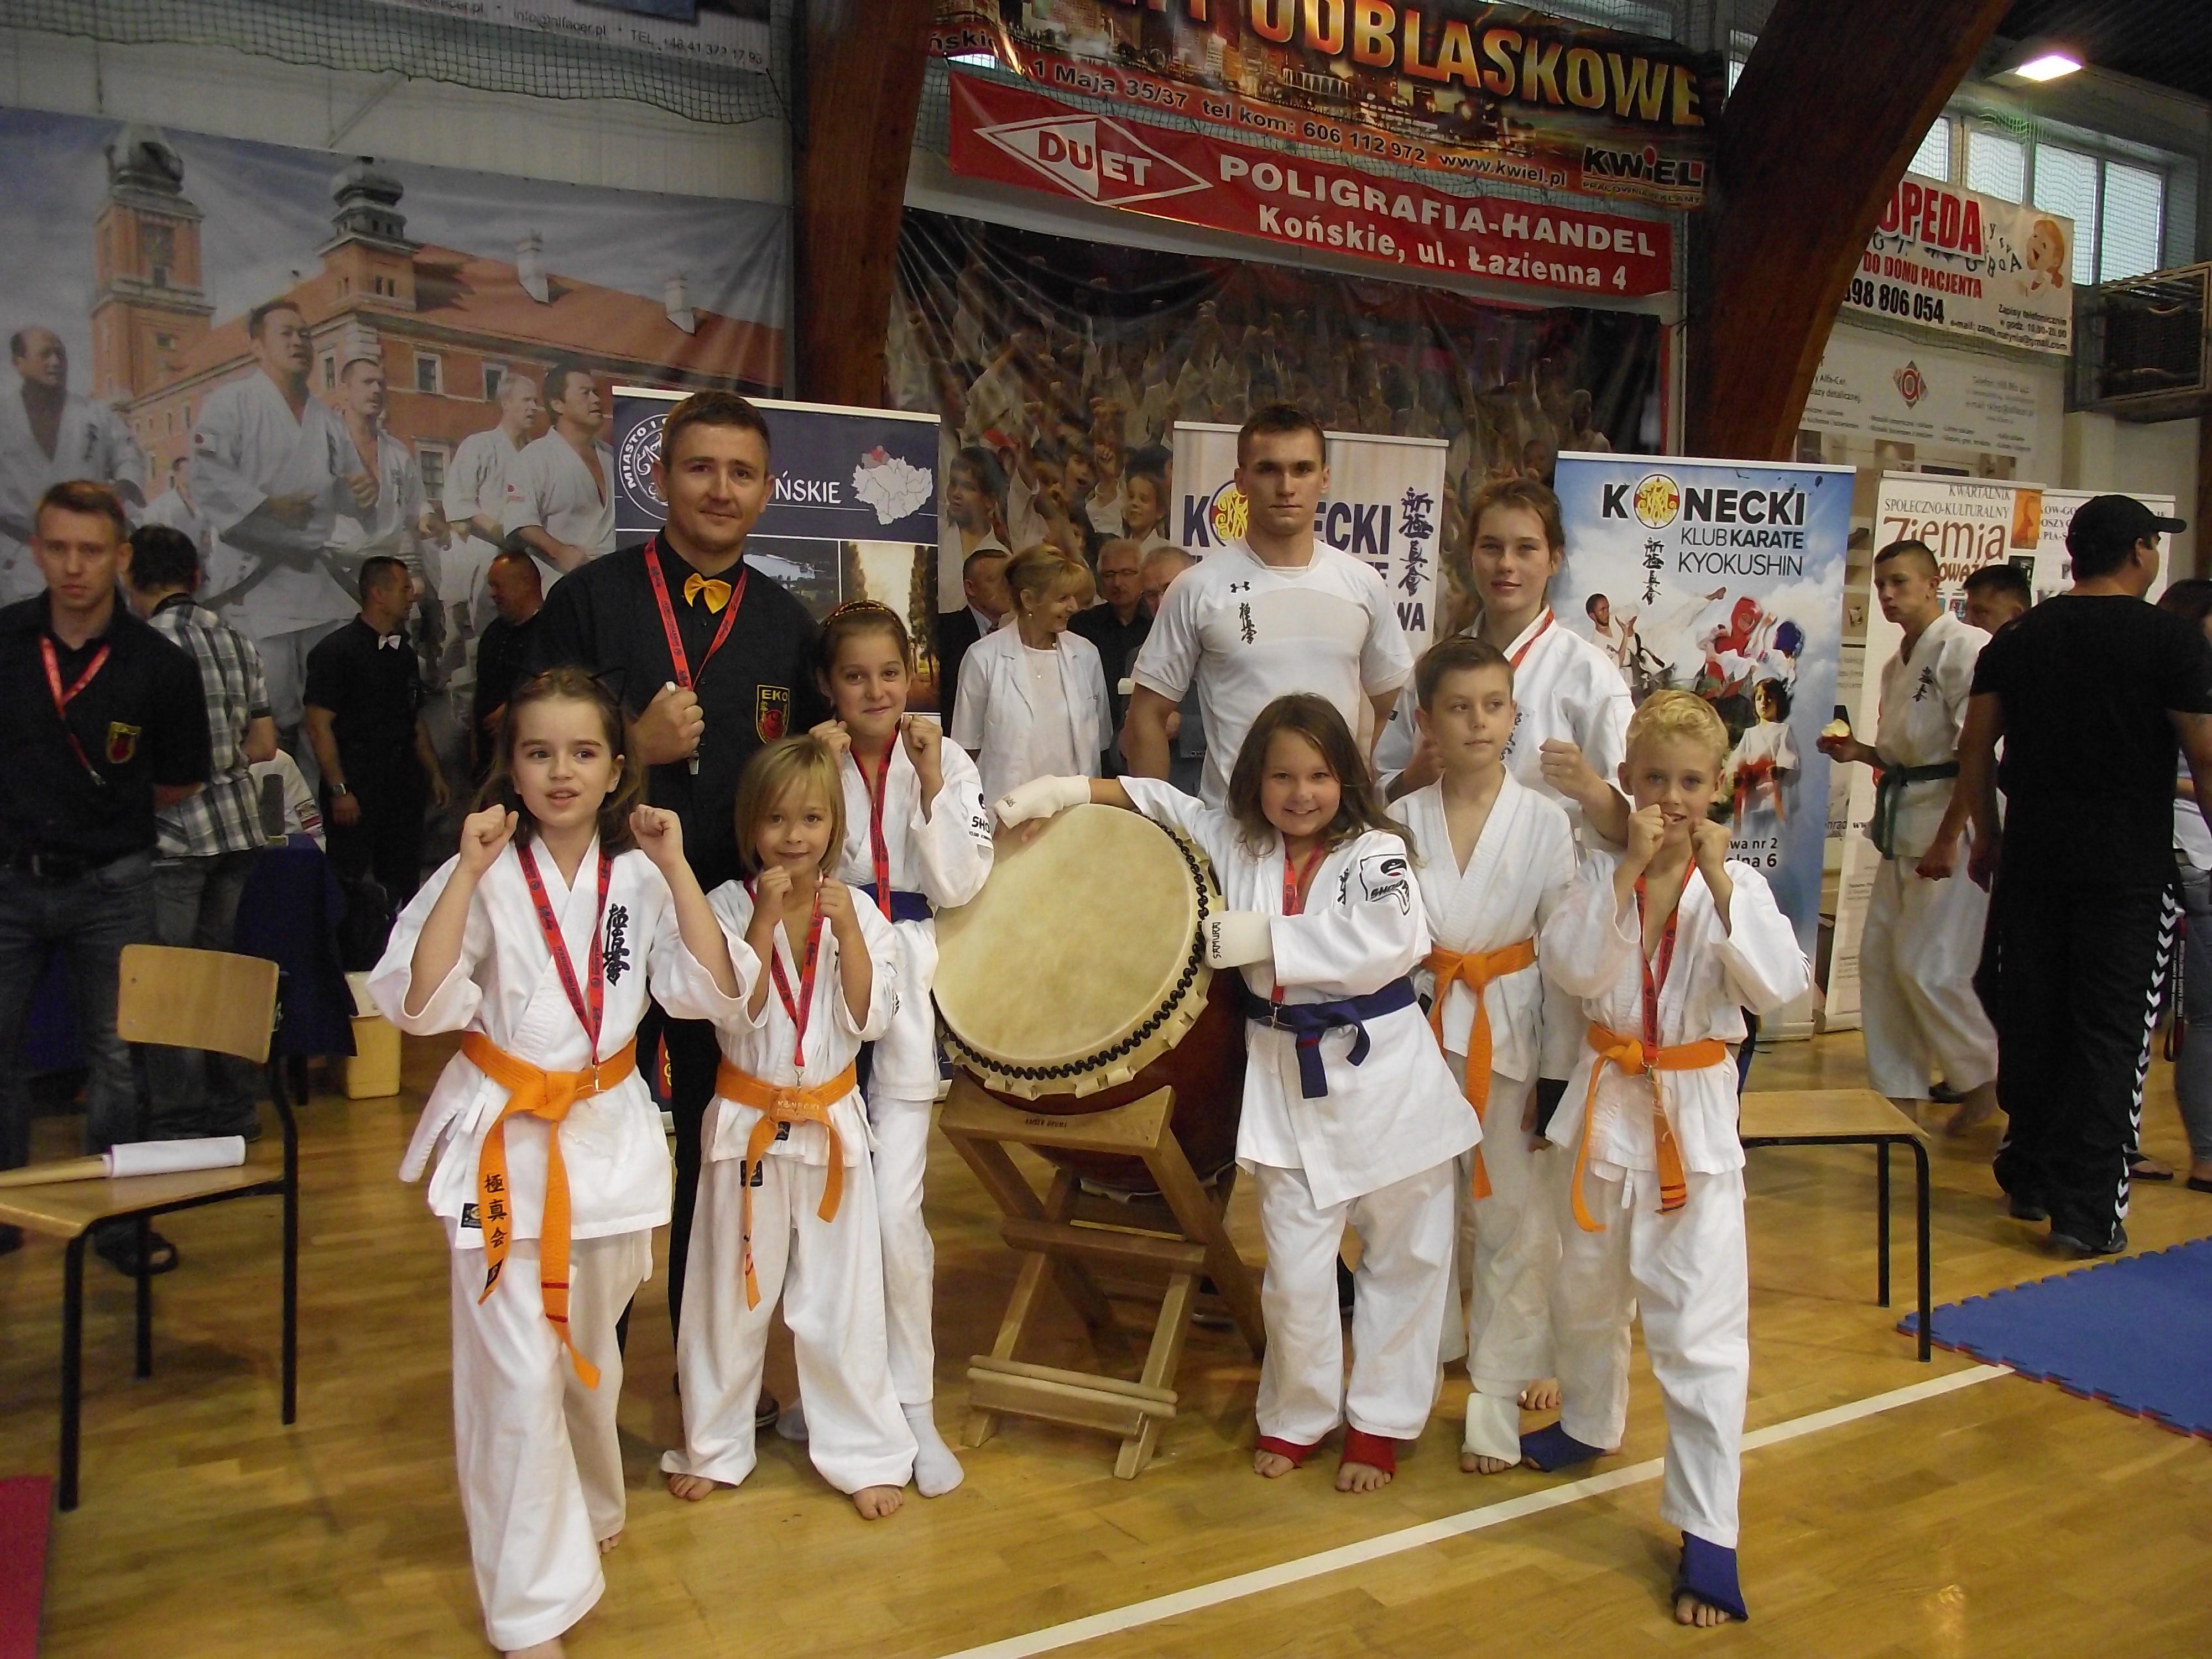 """Relacja z koneckiego """"Turnieju Karate o Puchar z Żeliwa"""" 2016"""